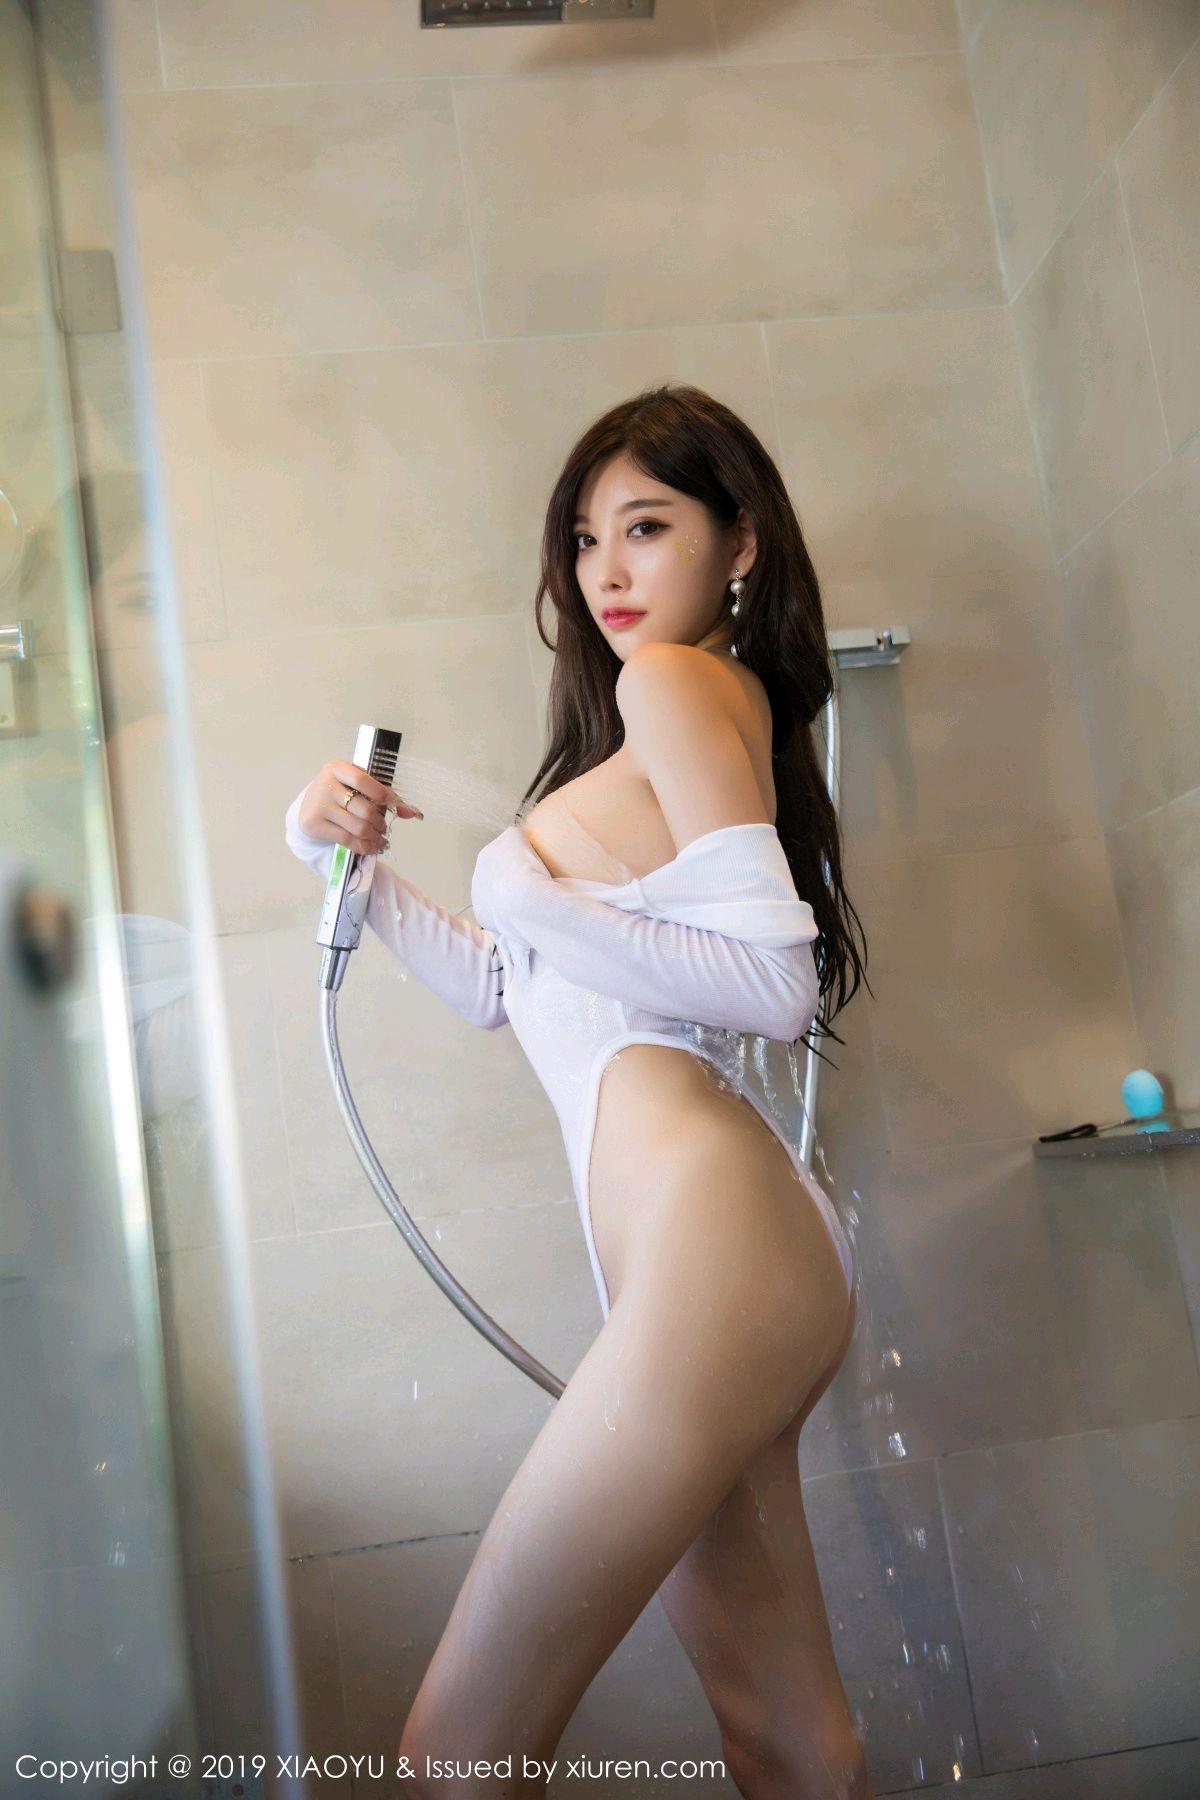 [XiaoYu] Vol.089 Yang Chen Chen 20P, Bathroom, Wet, XiaoYu, Yang Chen Chen